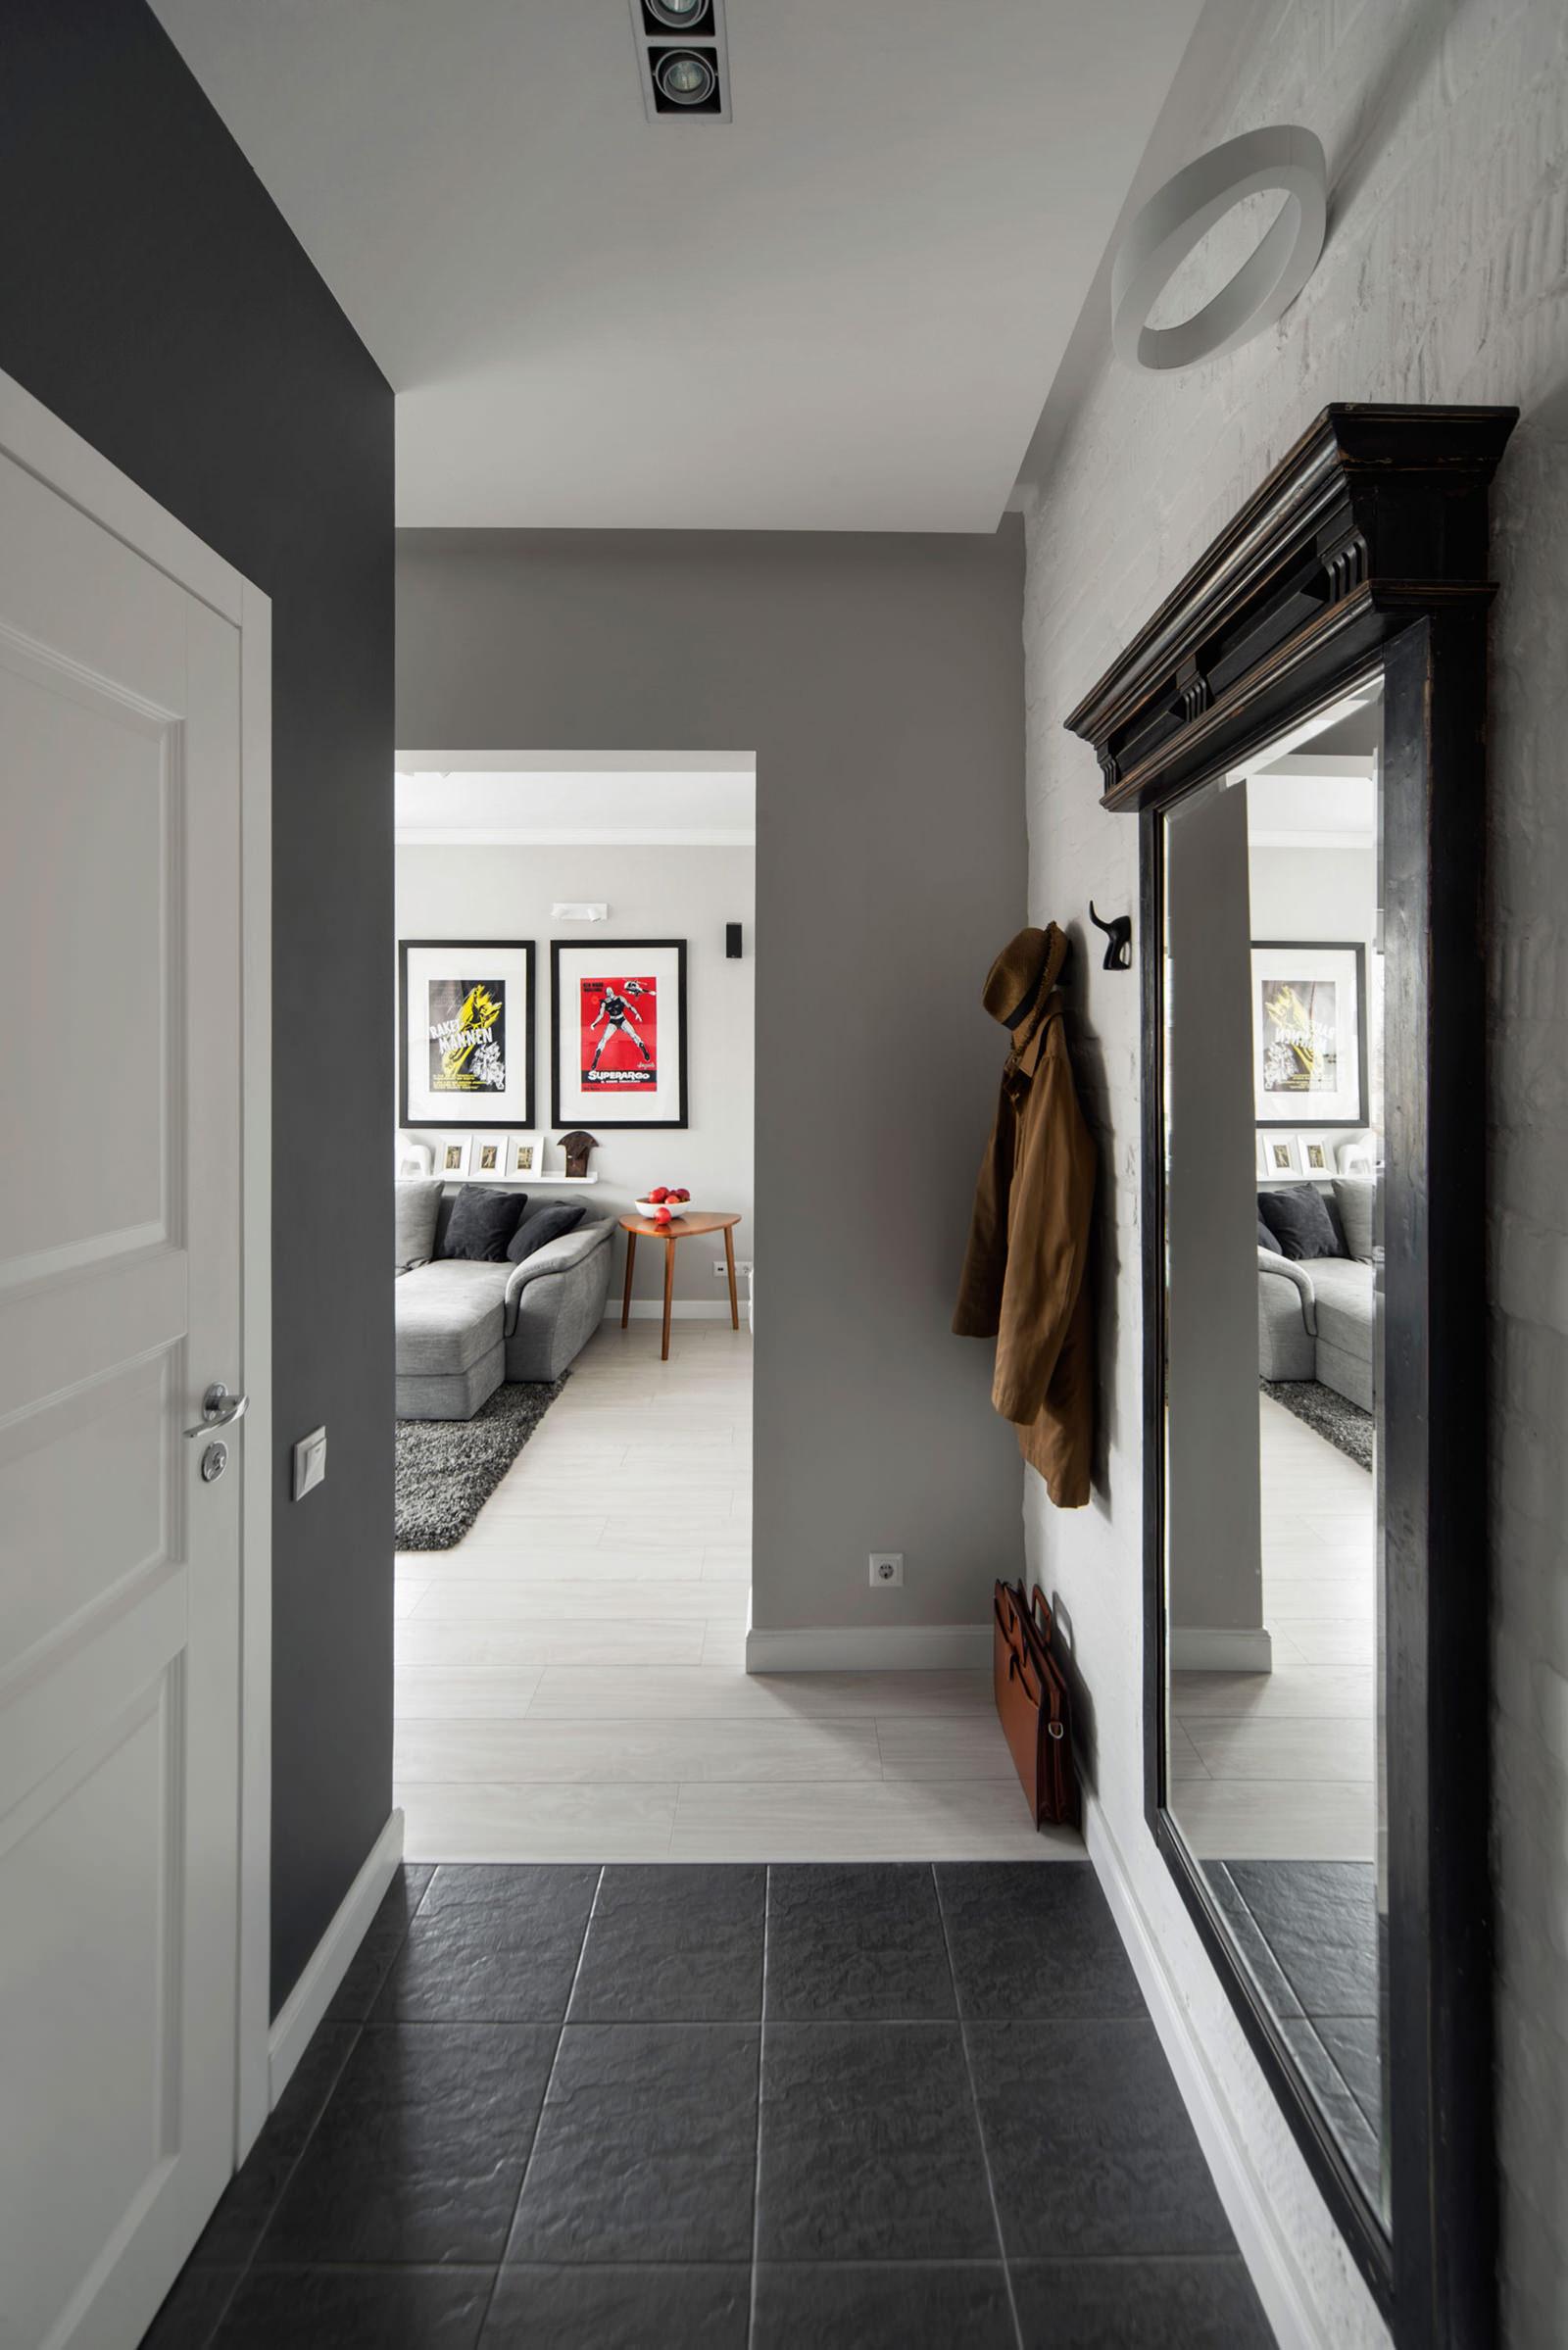 Черная плитка в прихожей и белый паркет в гостиной